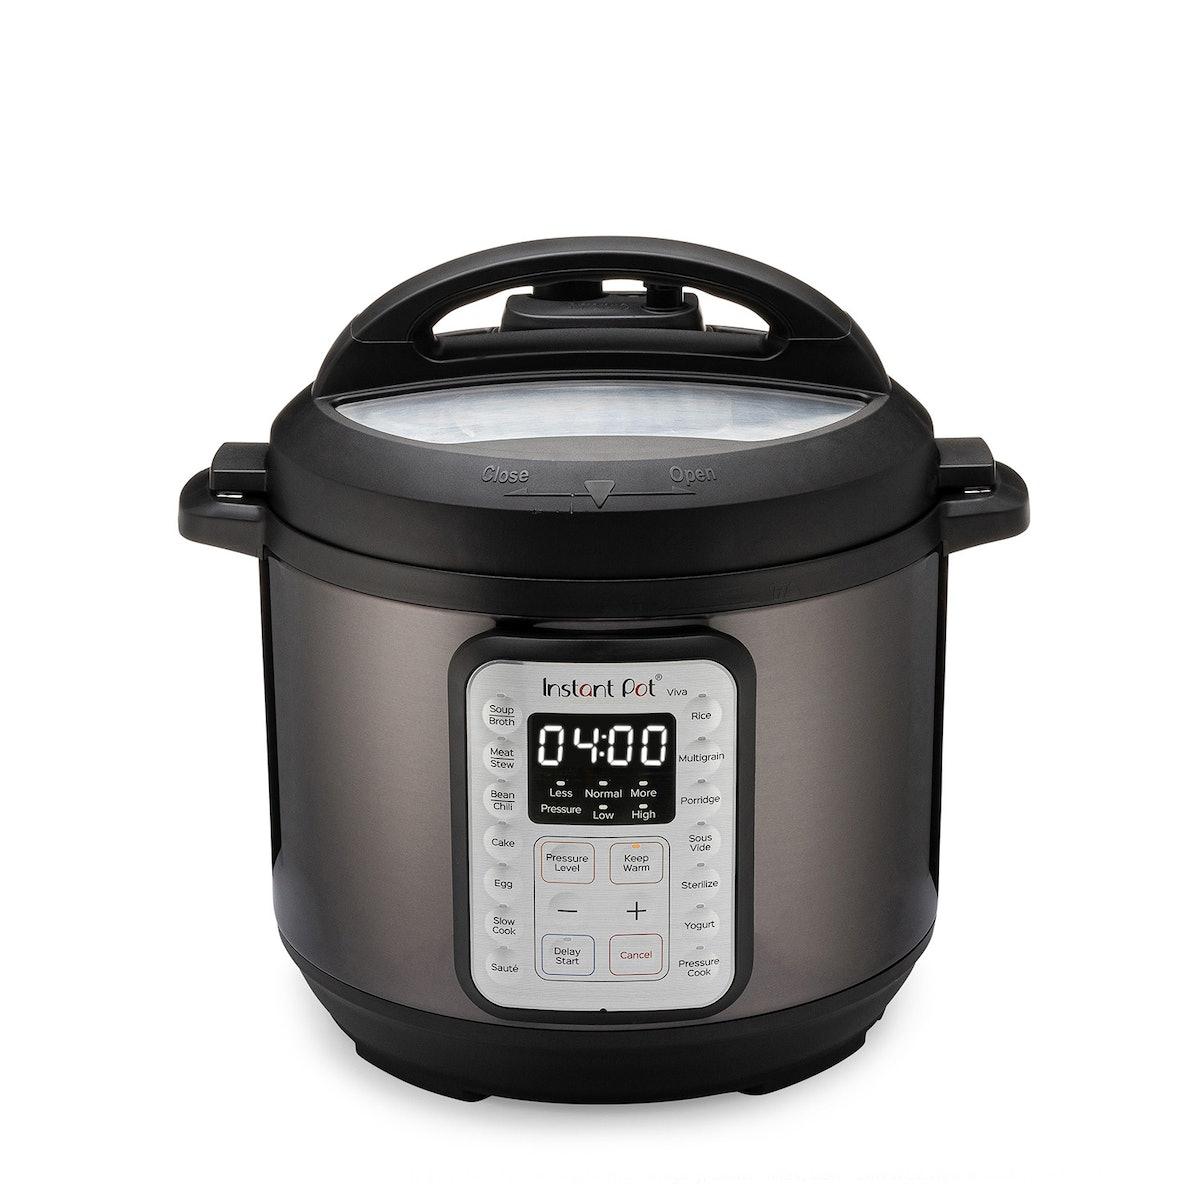 VIVA Black Stainless 6-Quart 9-in-1 Pressure Cooker